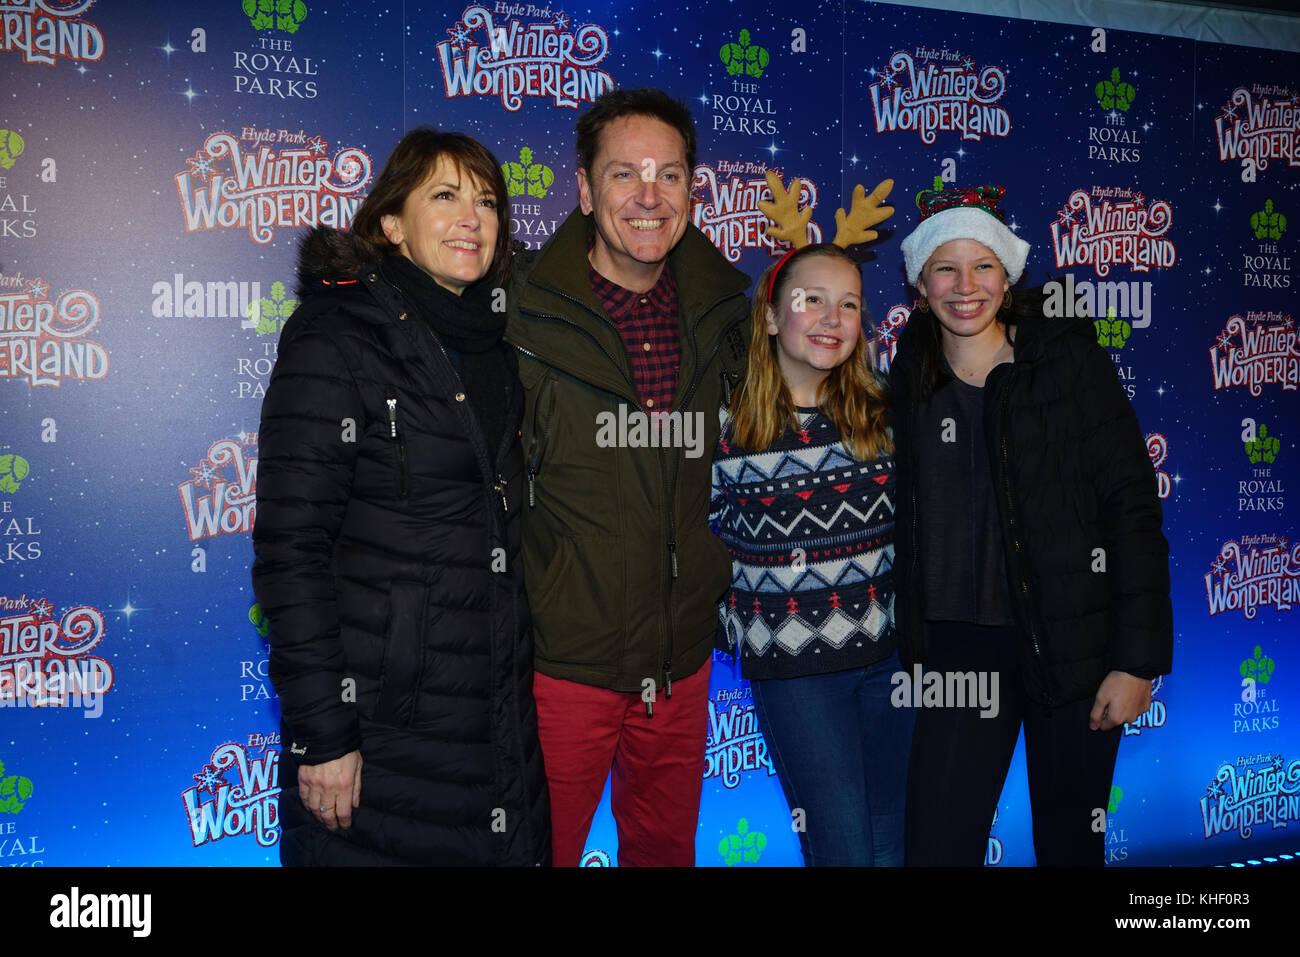 Tom Brady Family Stock Photos & Tom Brady Family Stock Images - Alamy